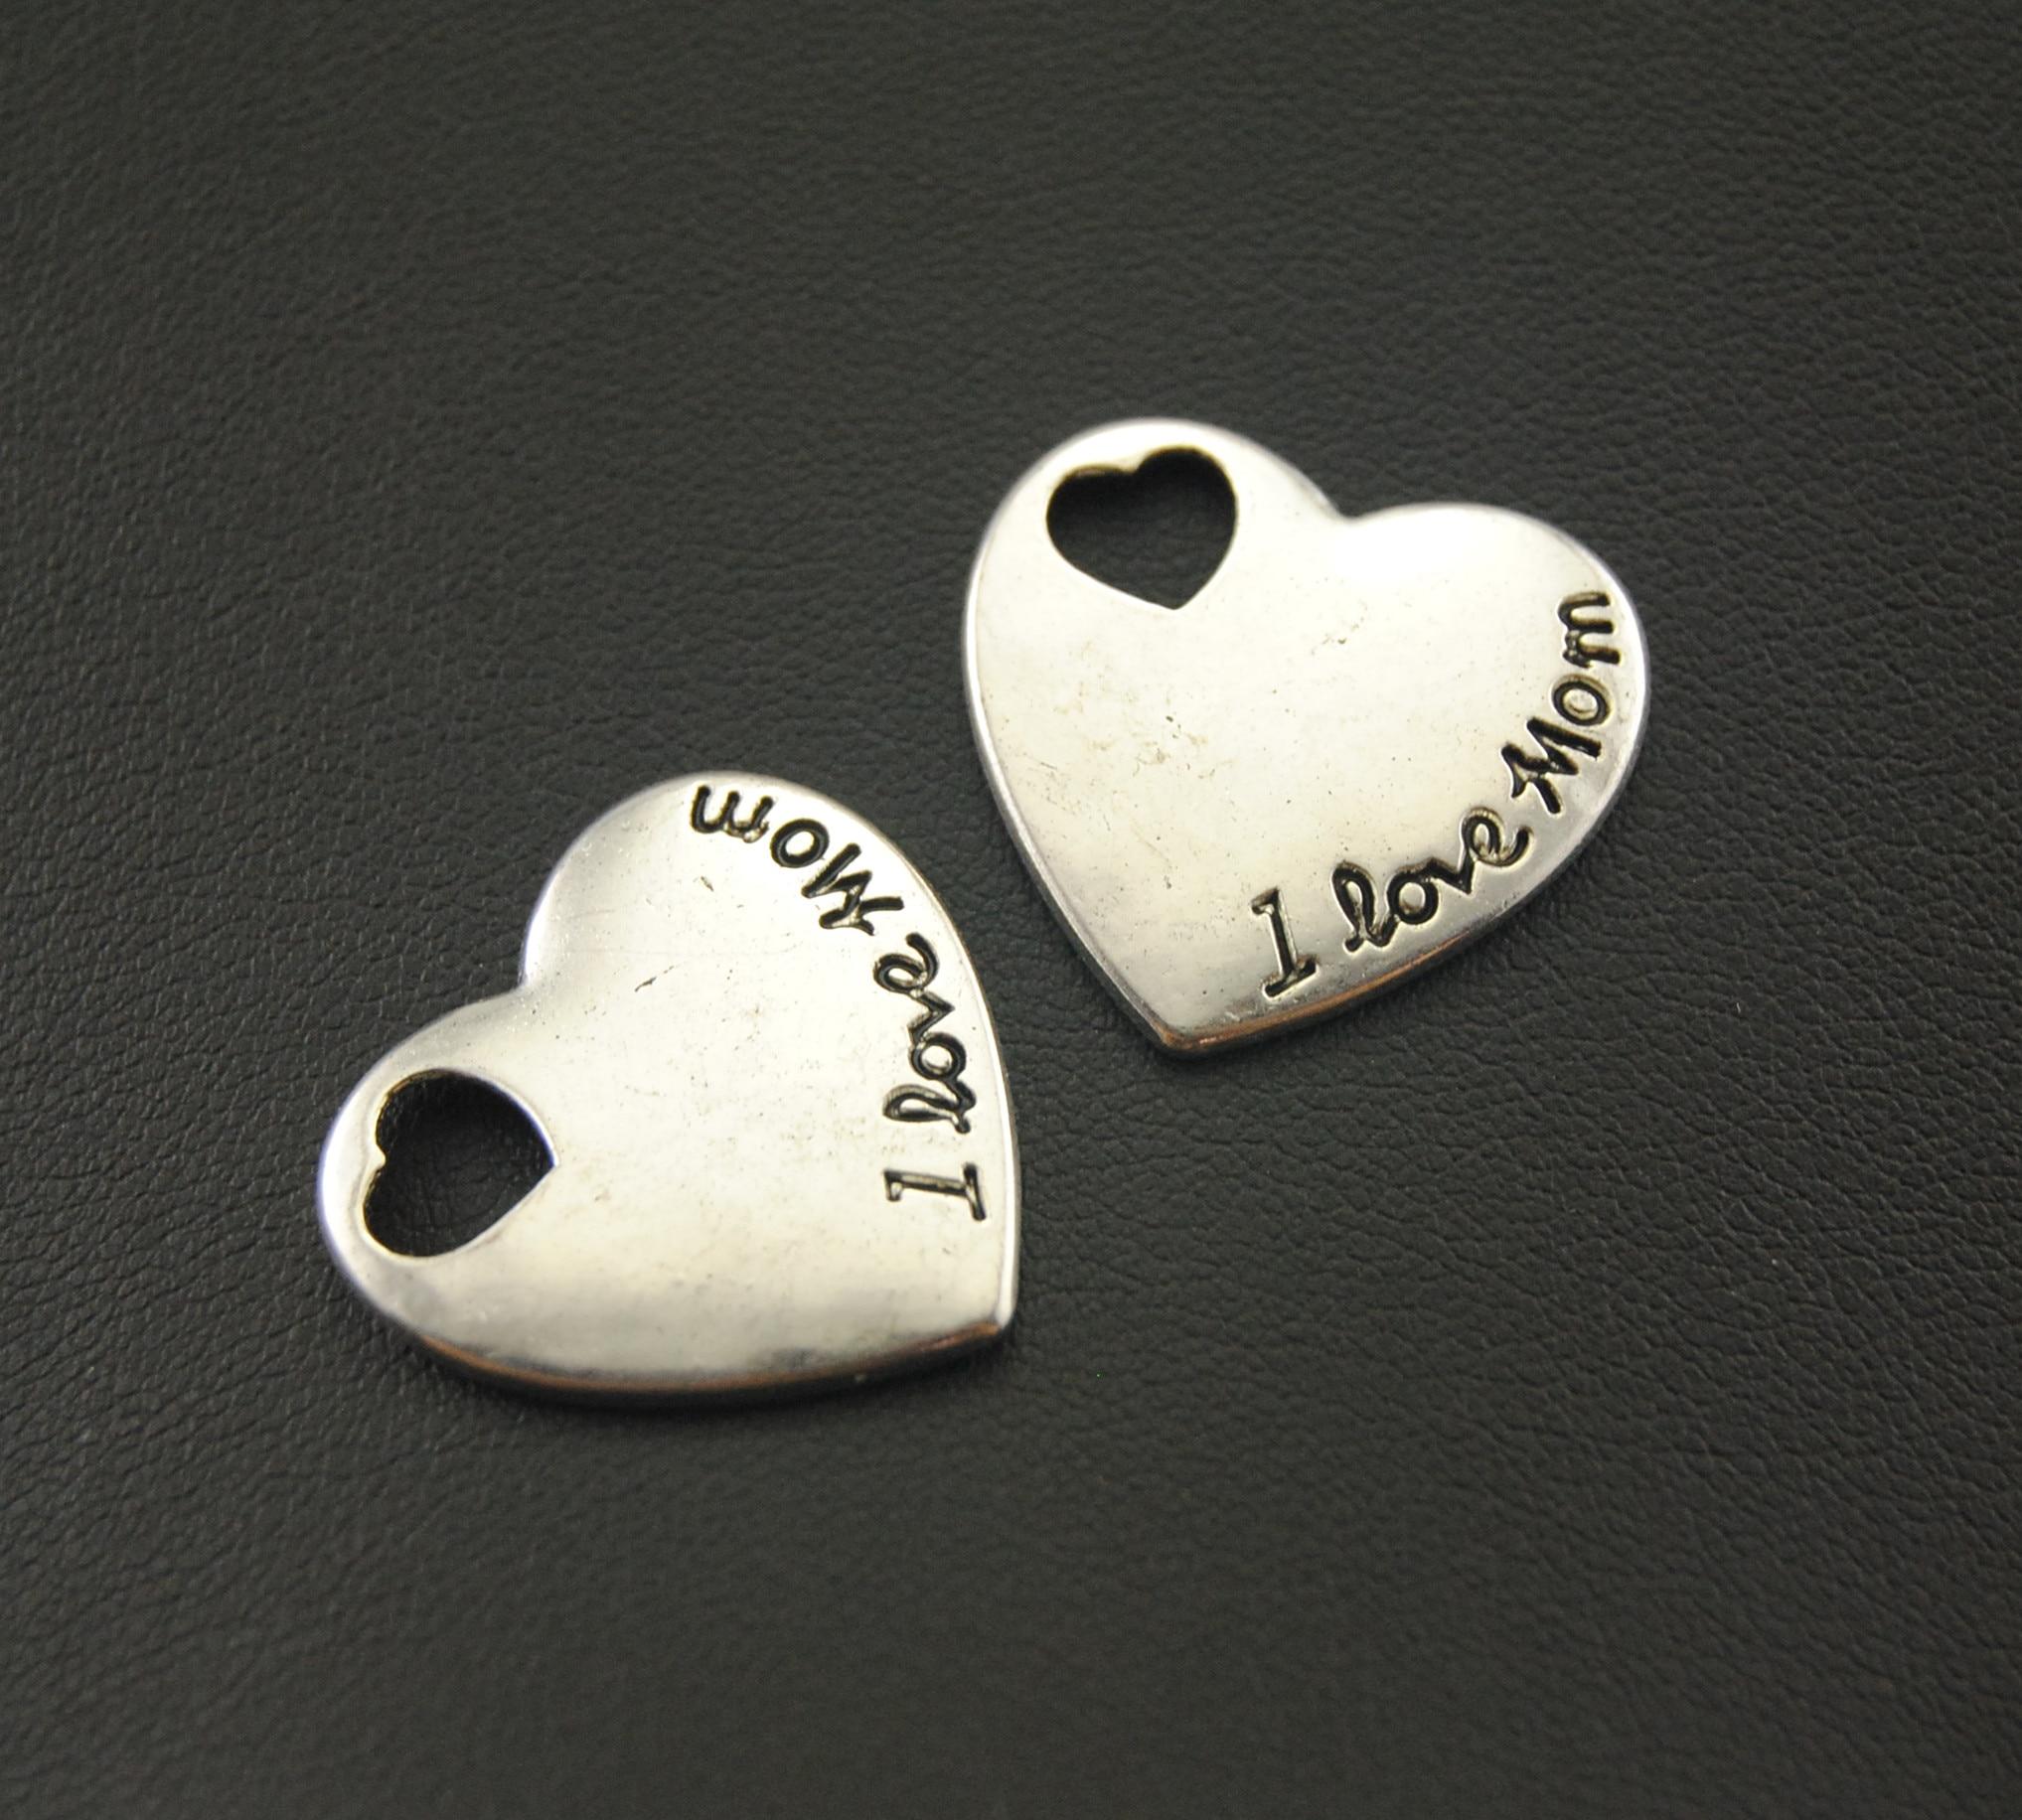 5 Pcs Antique Perak Jantung Berukir I Cinta Mom Pesona Diseduh Sendiri Membuat Perhiasan Kerajinan Tangan A1074